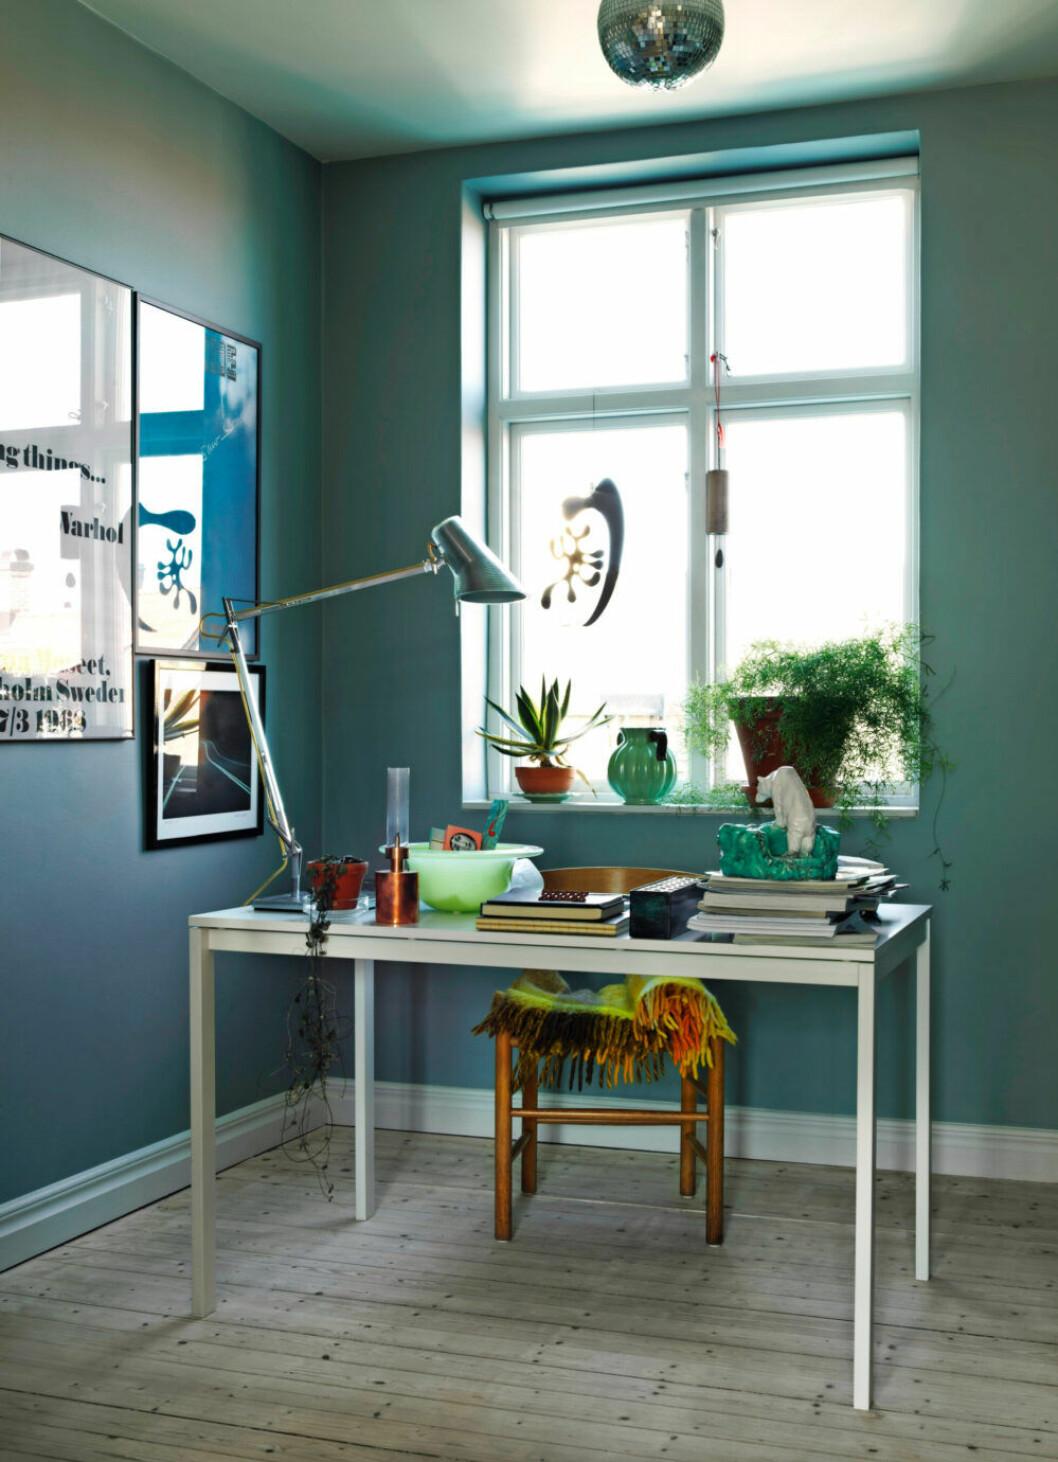 Arbetsplatsen går i grönblåa toner hemma hos Sofia Linfeldt i Skåne